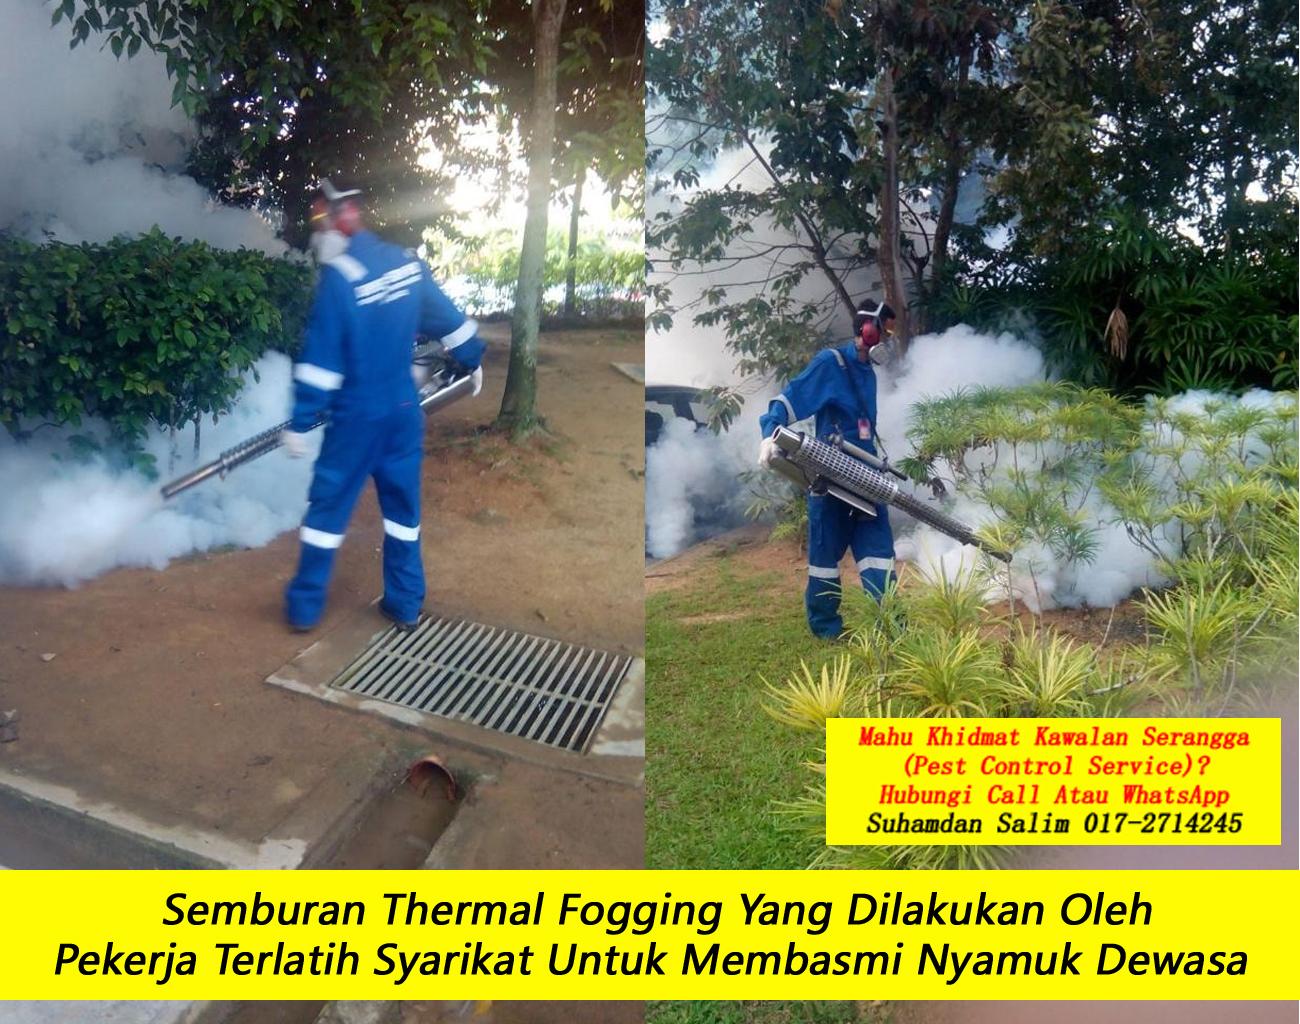 khidmat kawalan semburan nyamuk fogging larvaciding oleh syarikat kawalan serangga company pest control Salak Selatan kl felda perumahan kawasan perindustrian near me